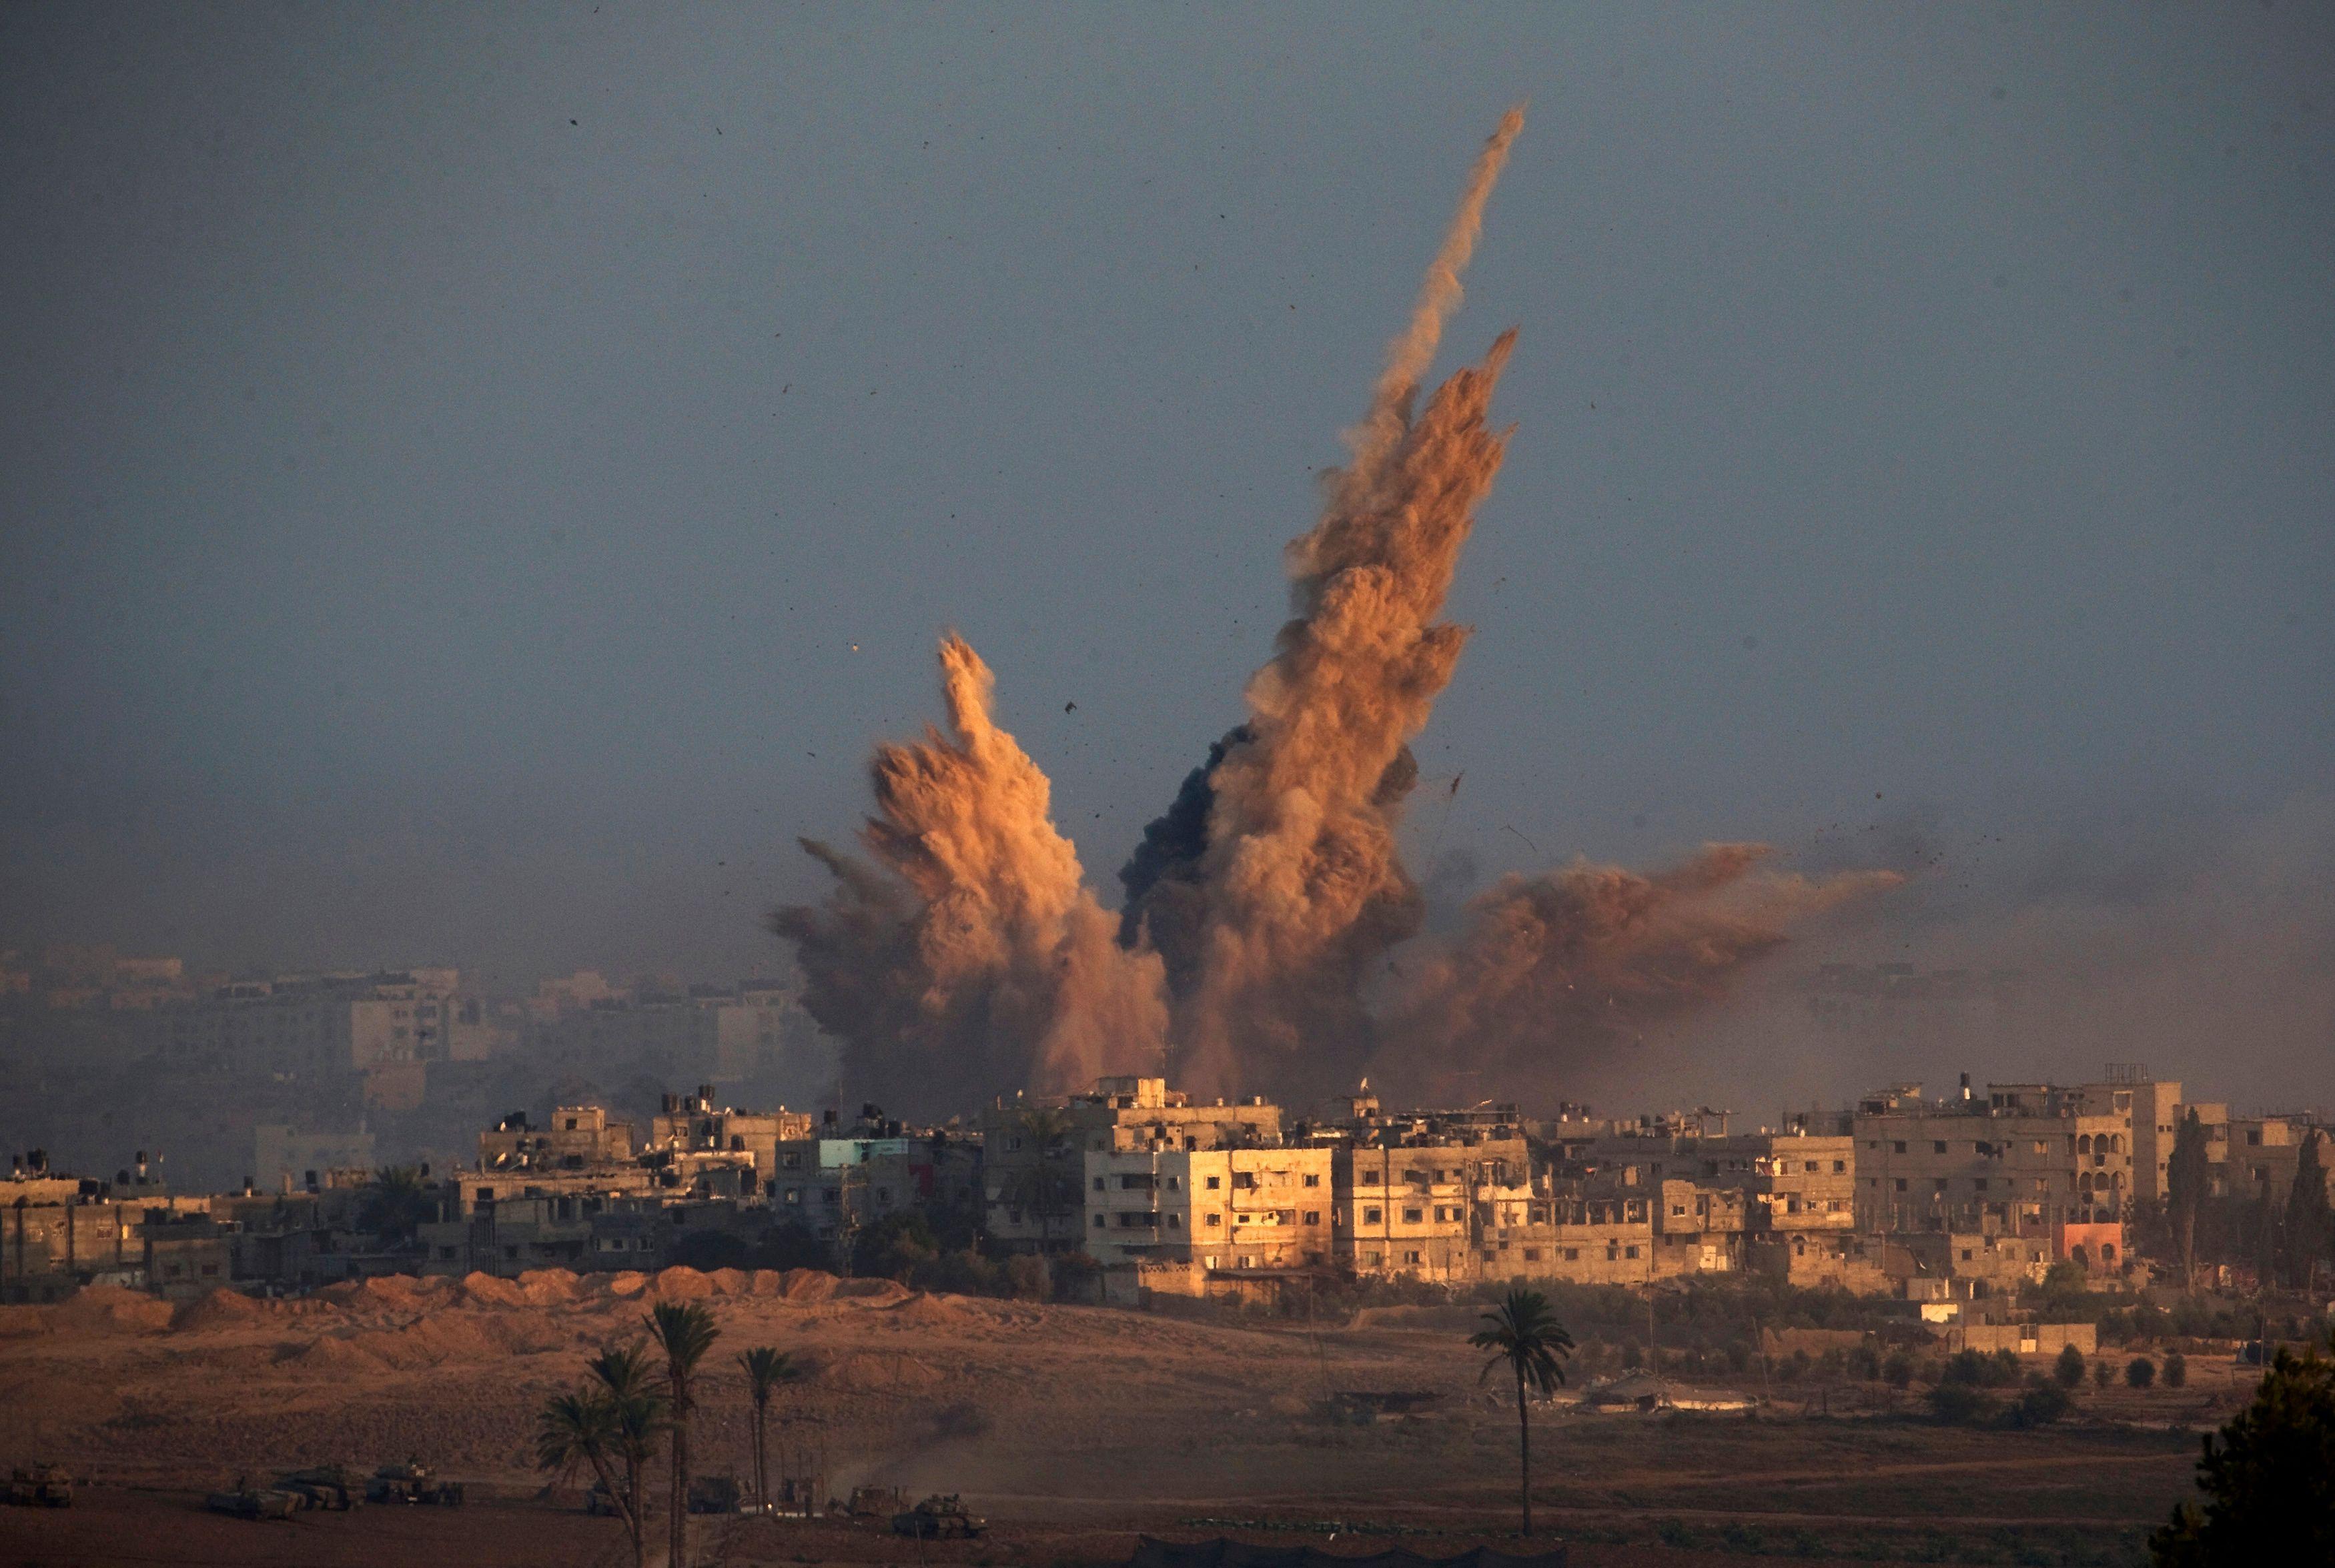 Les bombardements sur la bande de Gaza se poursuivent